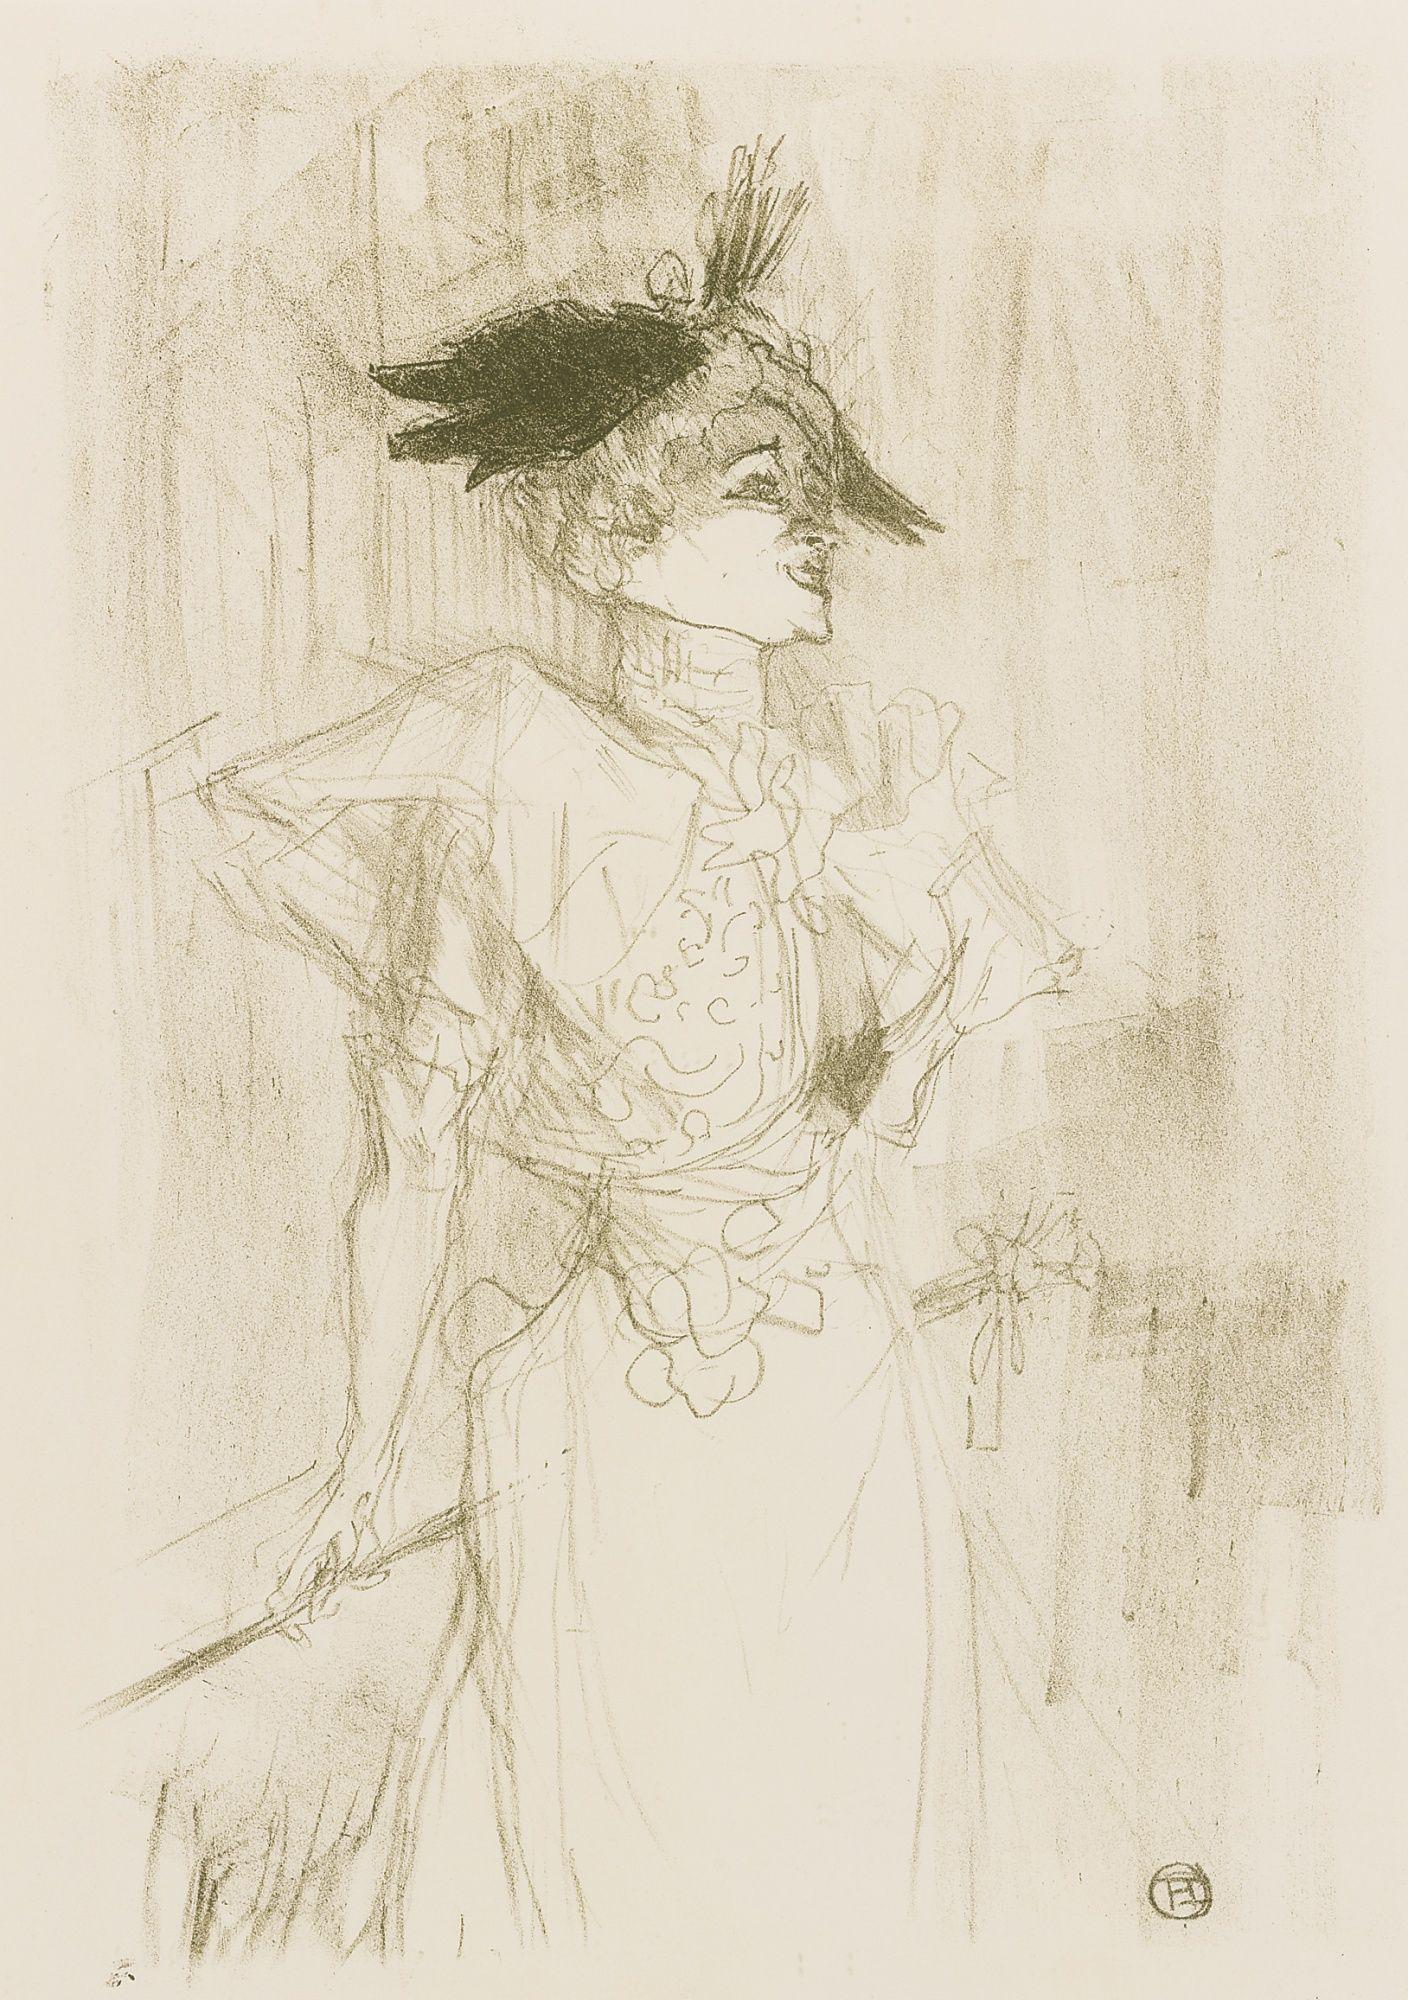 Henri De Toulouse Lautrec Mademoiselle Marcelle Lender Debout D 103 Adr 116 W 101 1895 Henri De Toulouse Lautrec Dessin Toulouse